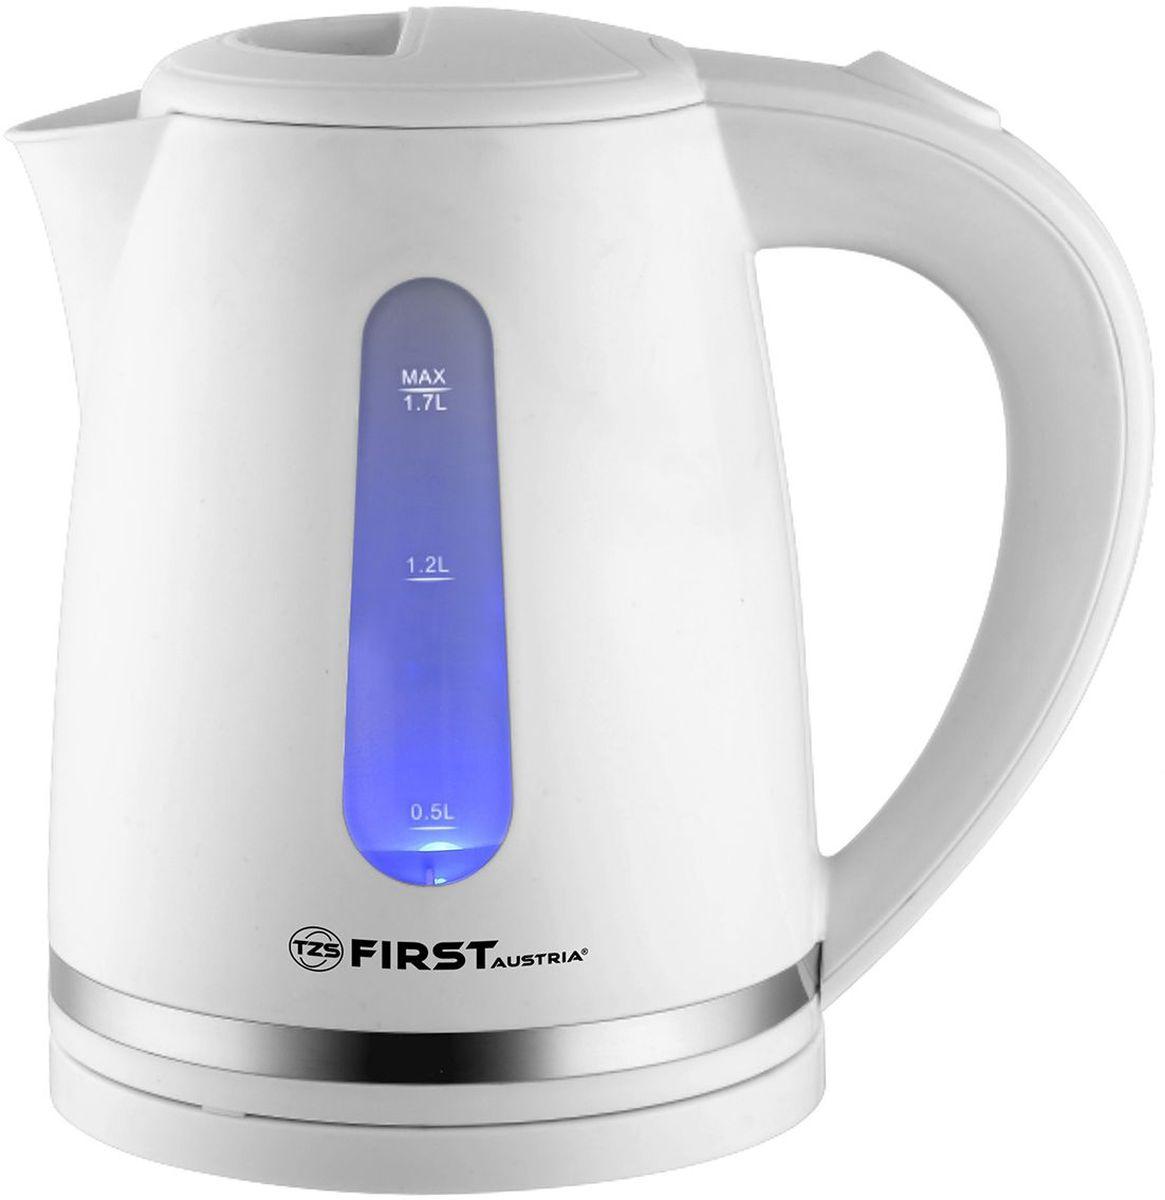 First FA-5427-4, White чайник электрическийFA-5427-4 WhiteFirst FA-5427-4 - электрический чайник мощностью 2200 Вт в корпусе из термостойкого пластика. Прибор оснащен скрытым нагревательным элементом и позволяет вскипятить до 1,7 л воды. Беспроводное соединение позволяет вращать чайник на подставке на 360°.Данная модель оборудована внутренней подсветкой корпуса, фильтром для воды и шкалой уровня воды, а также имеется место для хранения шнура. Для обеспечения безопасности при повседневном использовании предусмотрены функции: автовыключение при закипании воды и отключение при отсутствии воды.